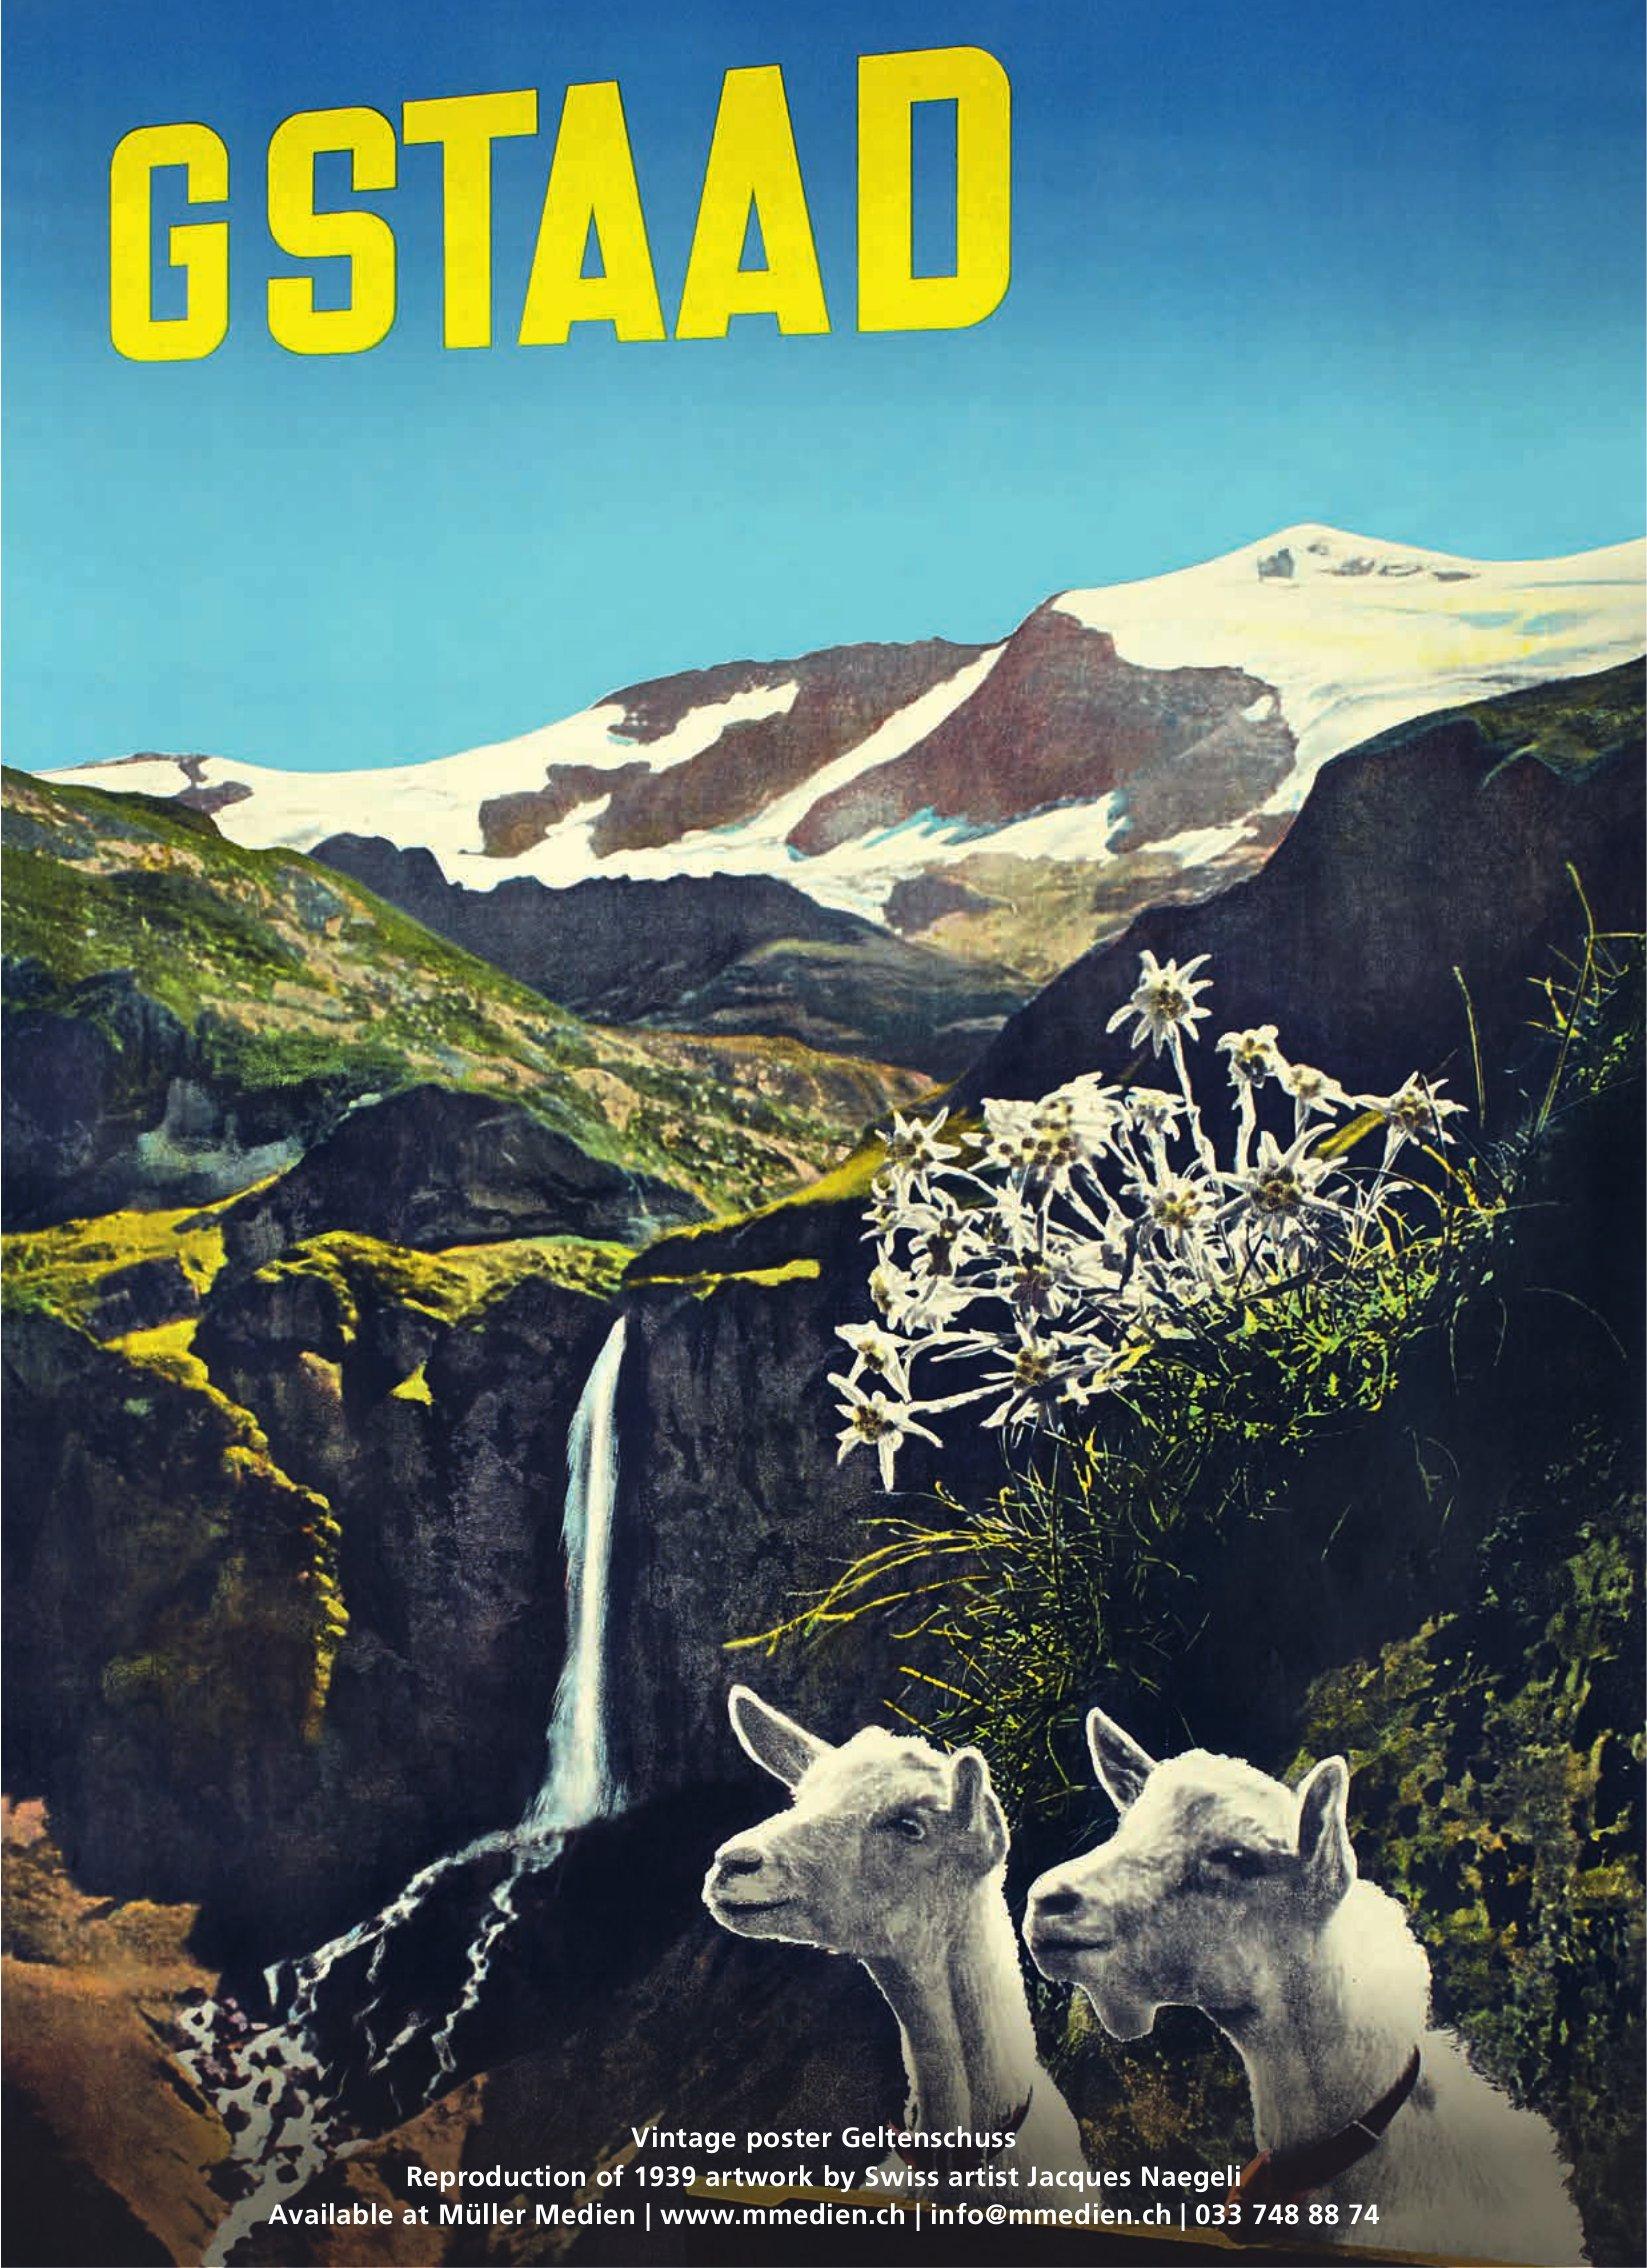 Gstaad - Vintage poster Geltenschuss